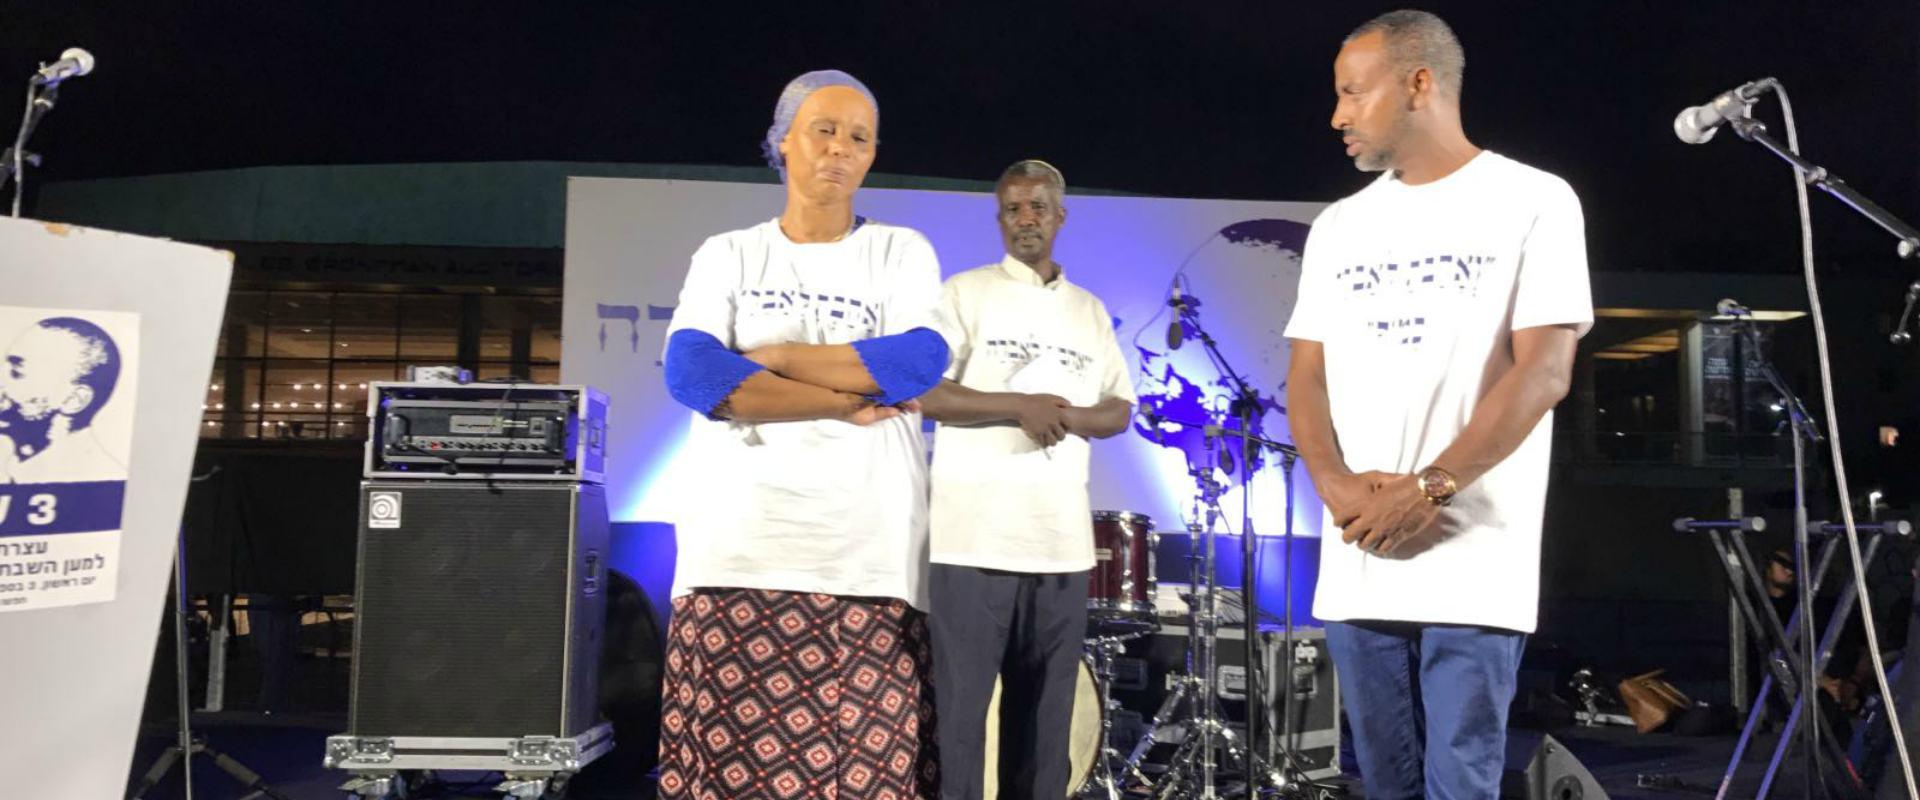 משפחתו של אברה מנגיסטו בעצרת הערב